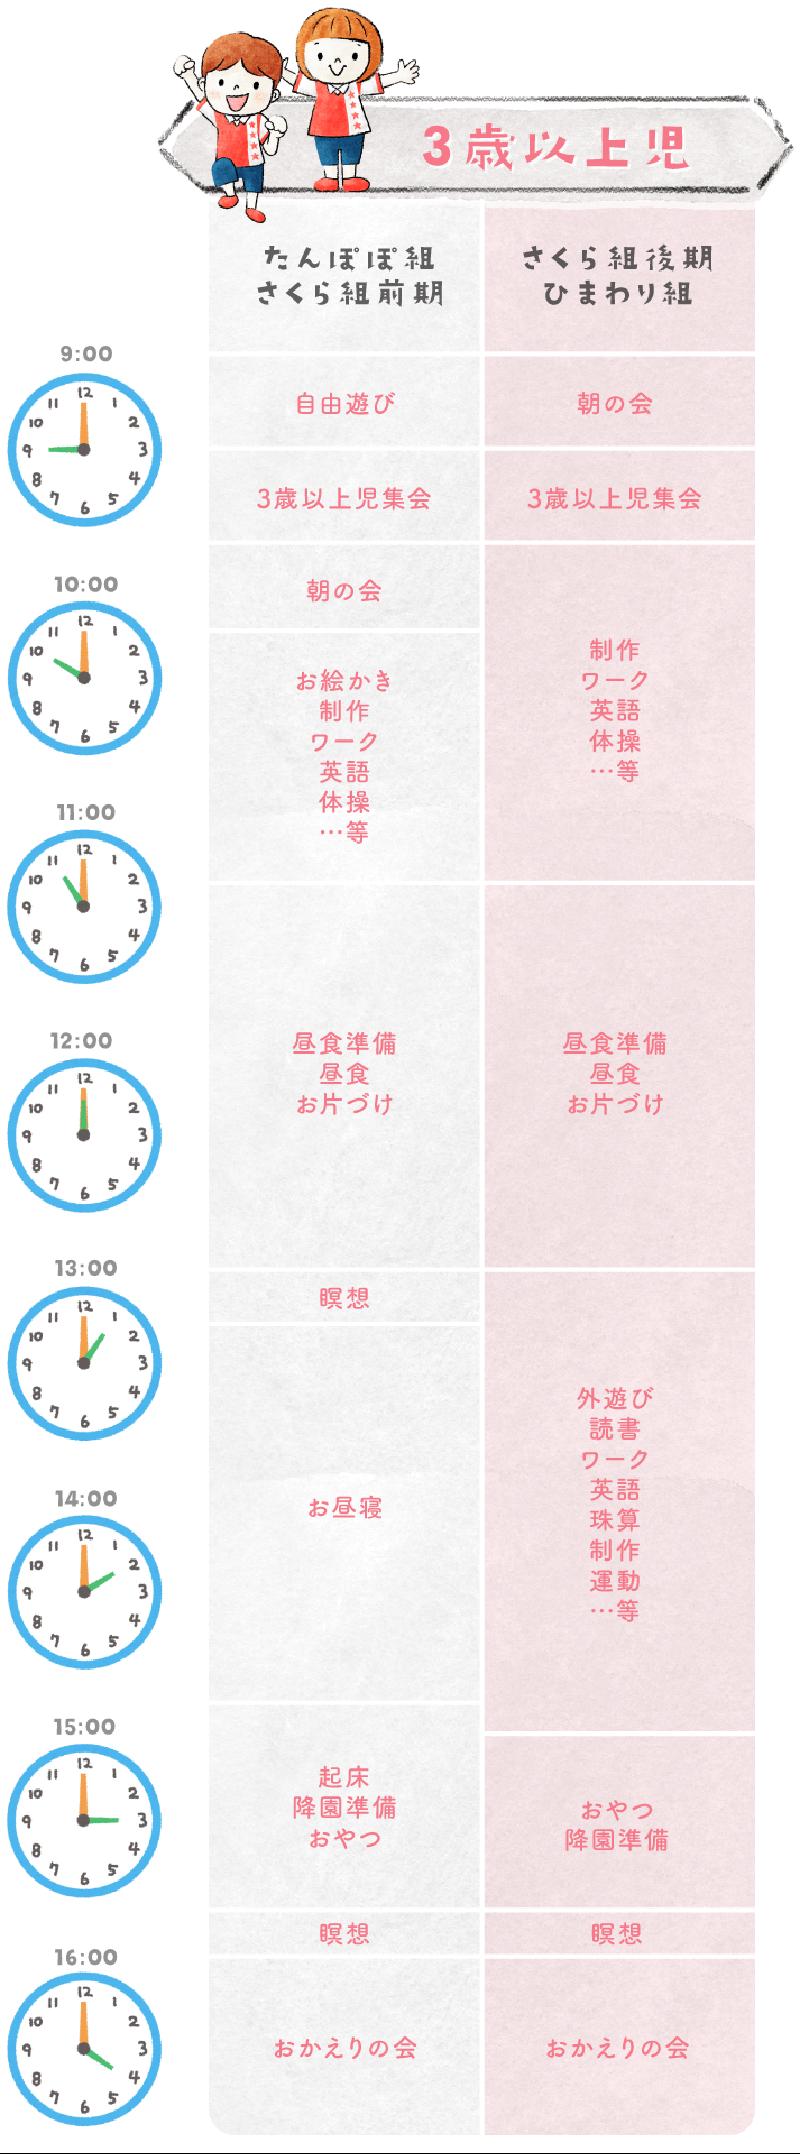 一日の流れ-3歳以上児(図)